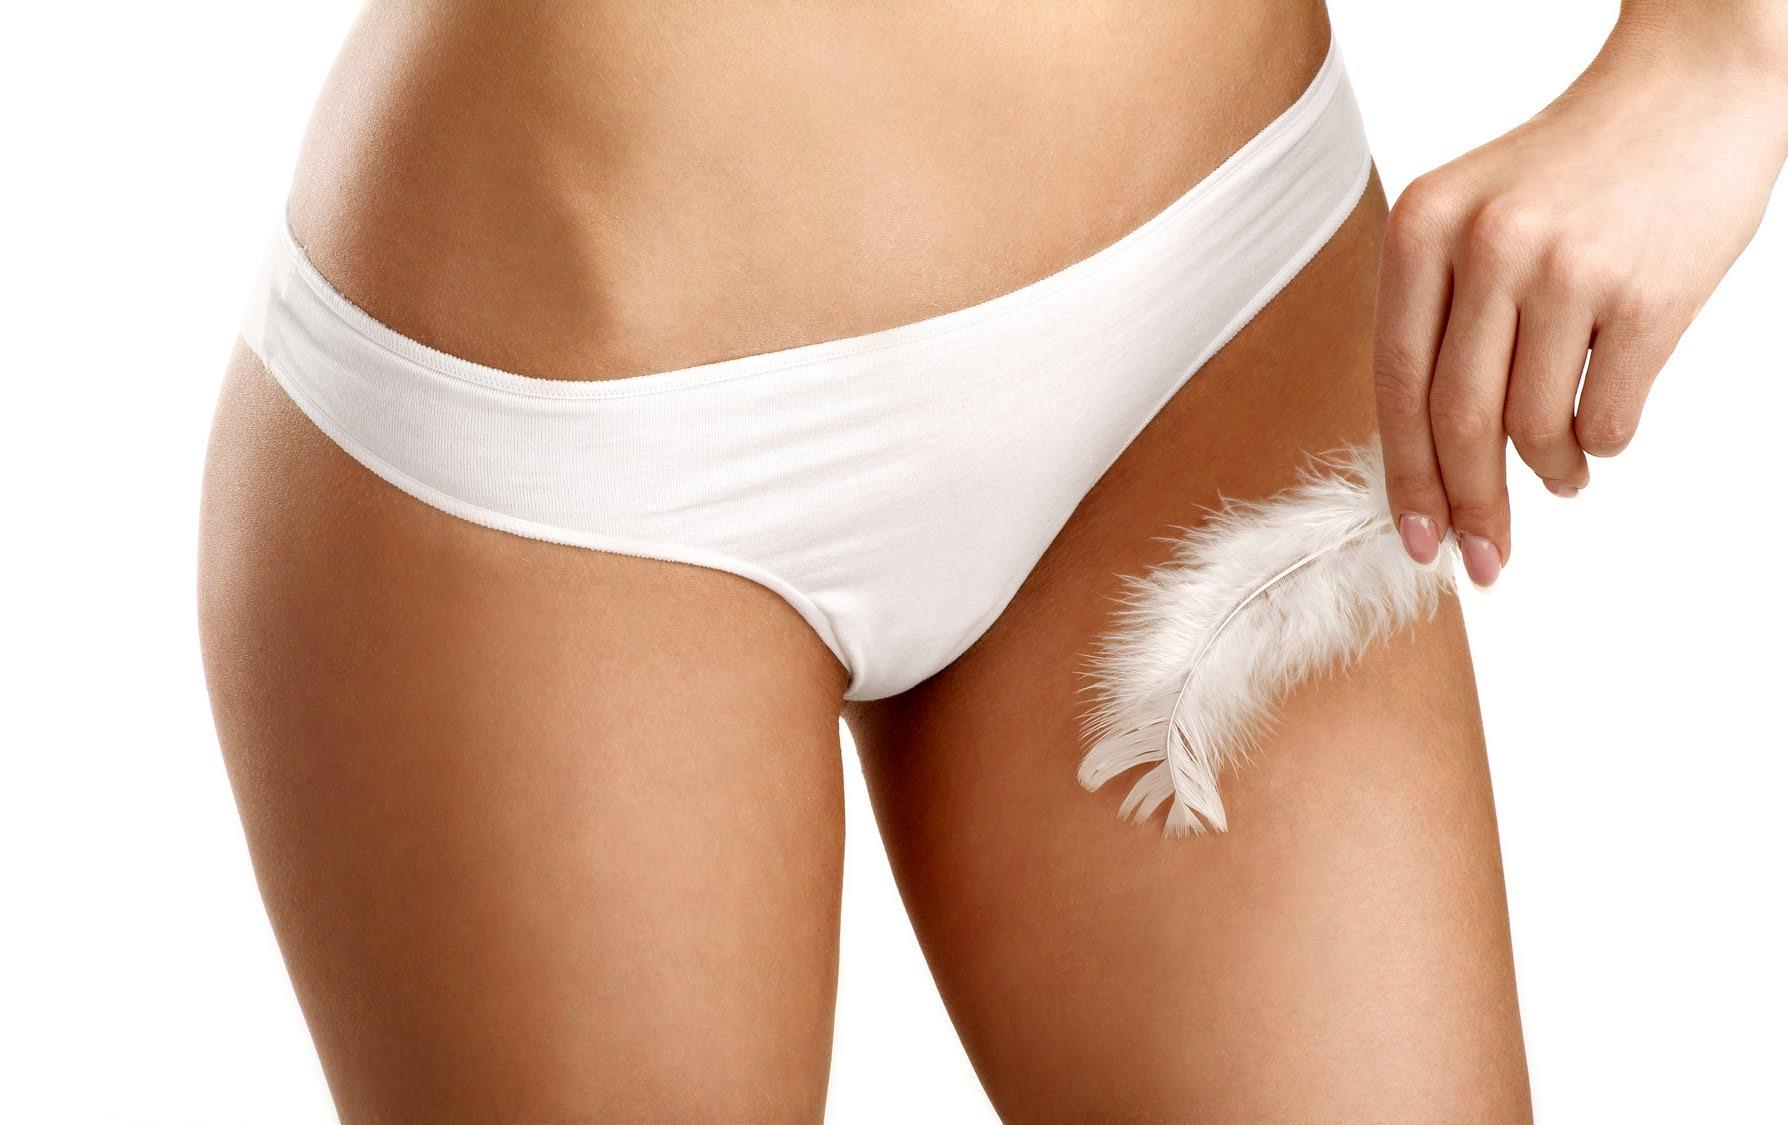 epilicia glubokogo bikini obzor